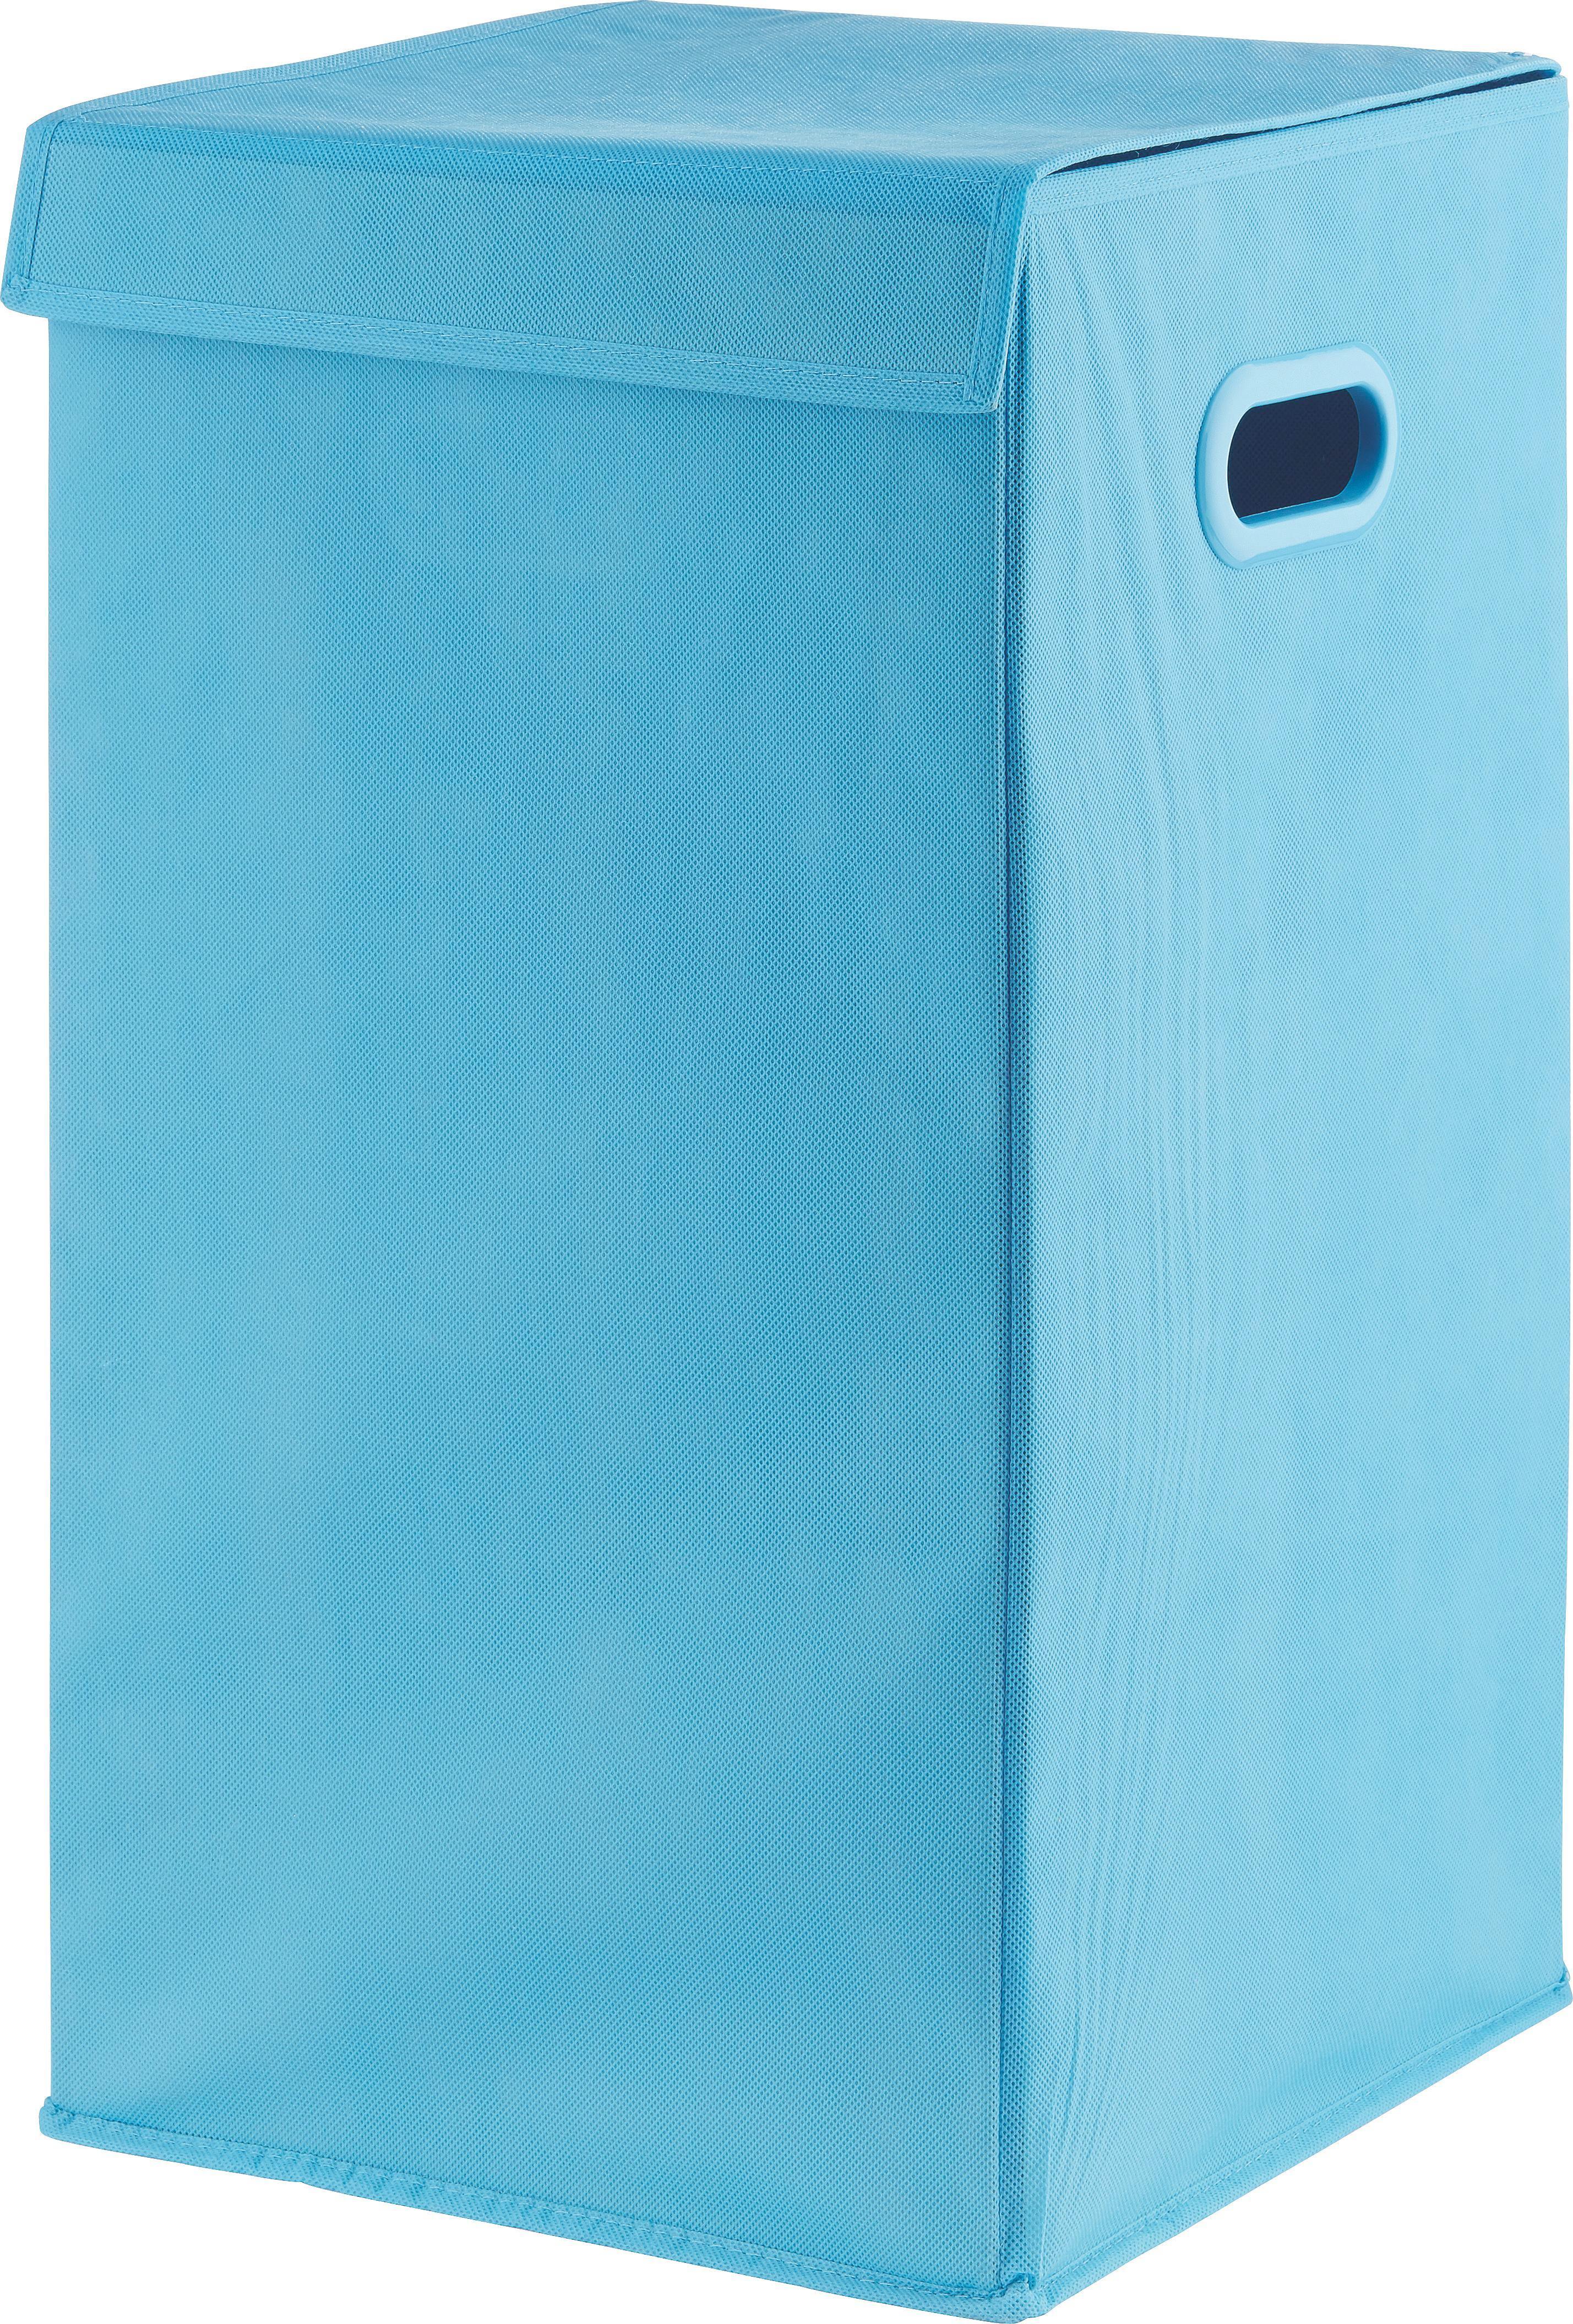 Wäschekorb Elenor in Blau, ca. 31x31x56cm - Türkis, KONVENTIONELL, Karton/Kunststoff (31/31/56cm) - MÖMAX modern living